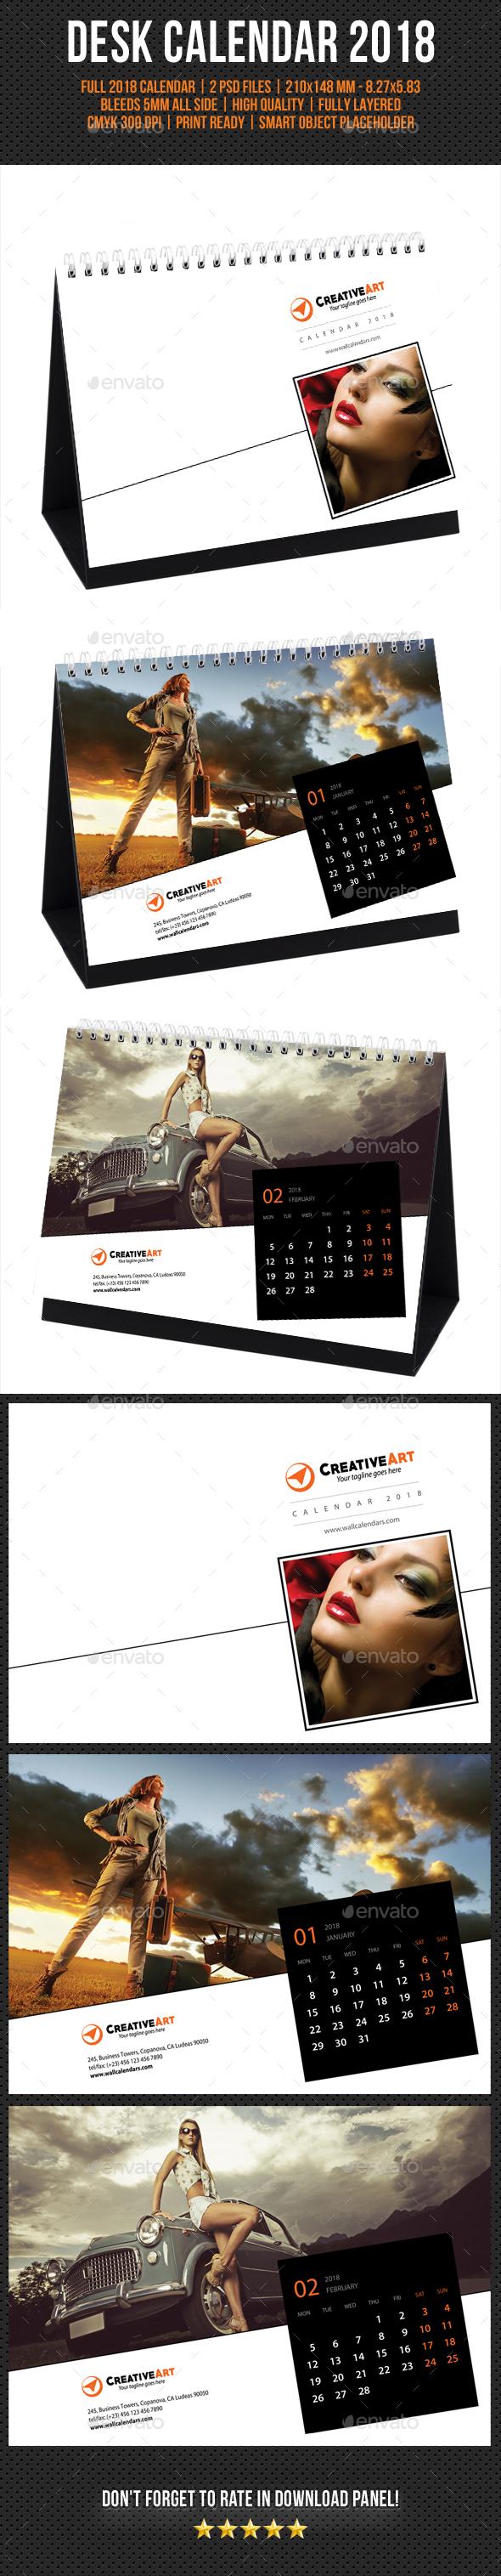 Creative Desk Calendar 2018 V17 - Calendars Stationery